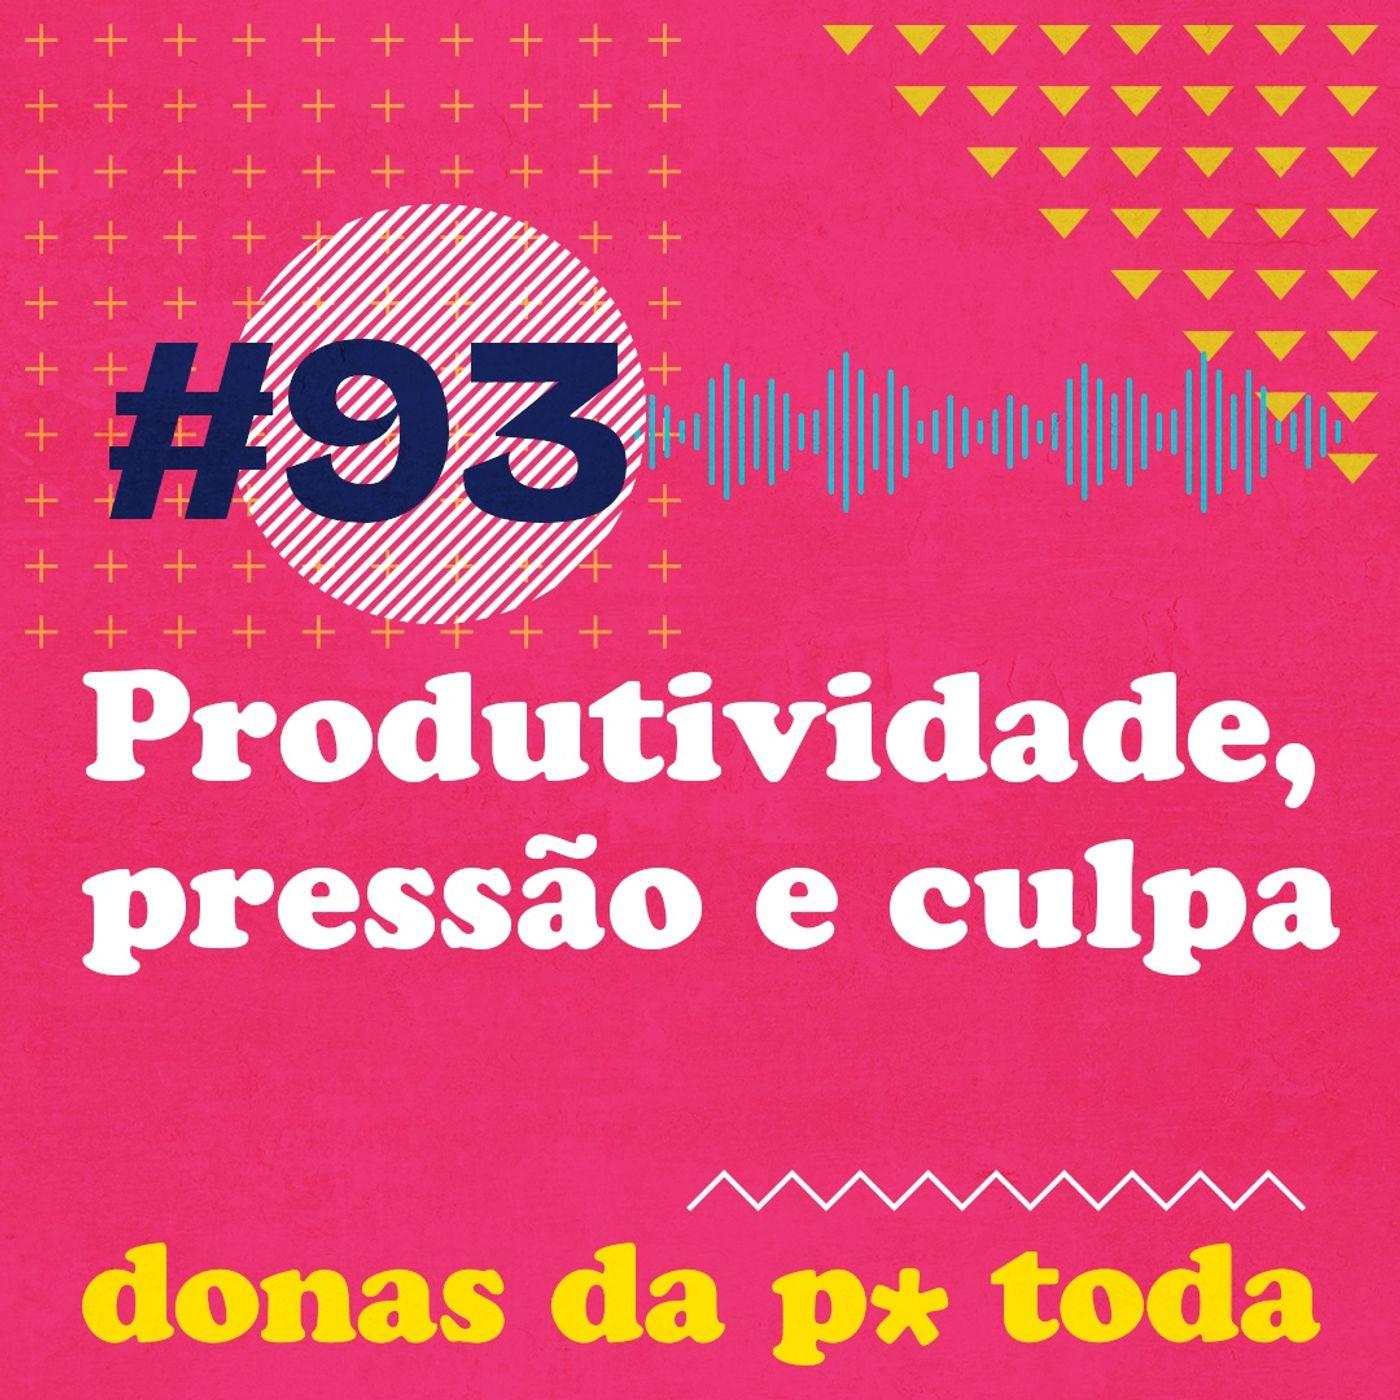 #093 - Produtividade, pressão e culpa